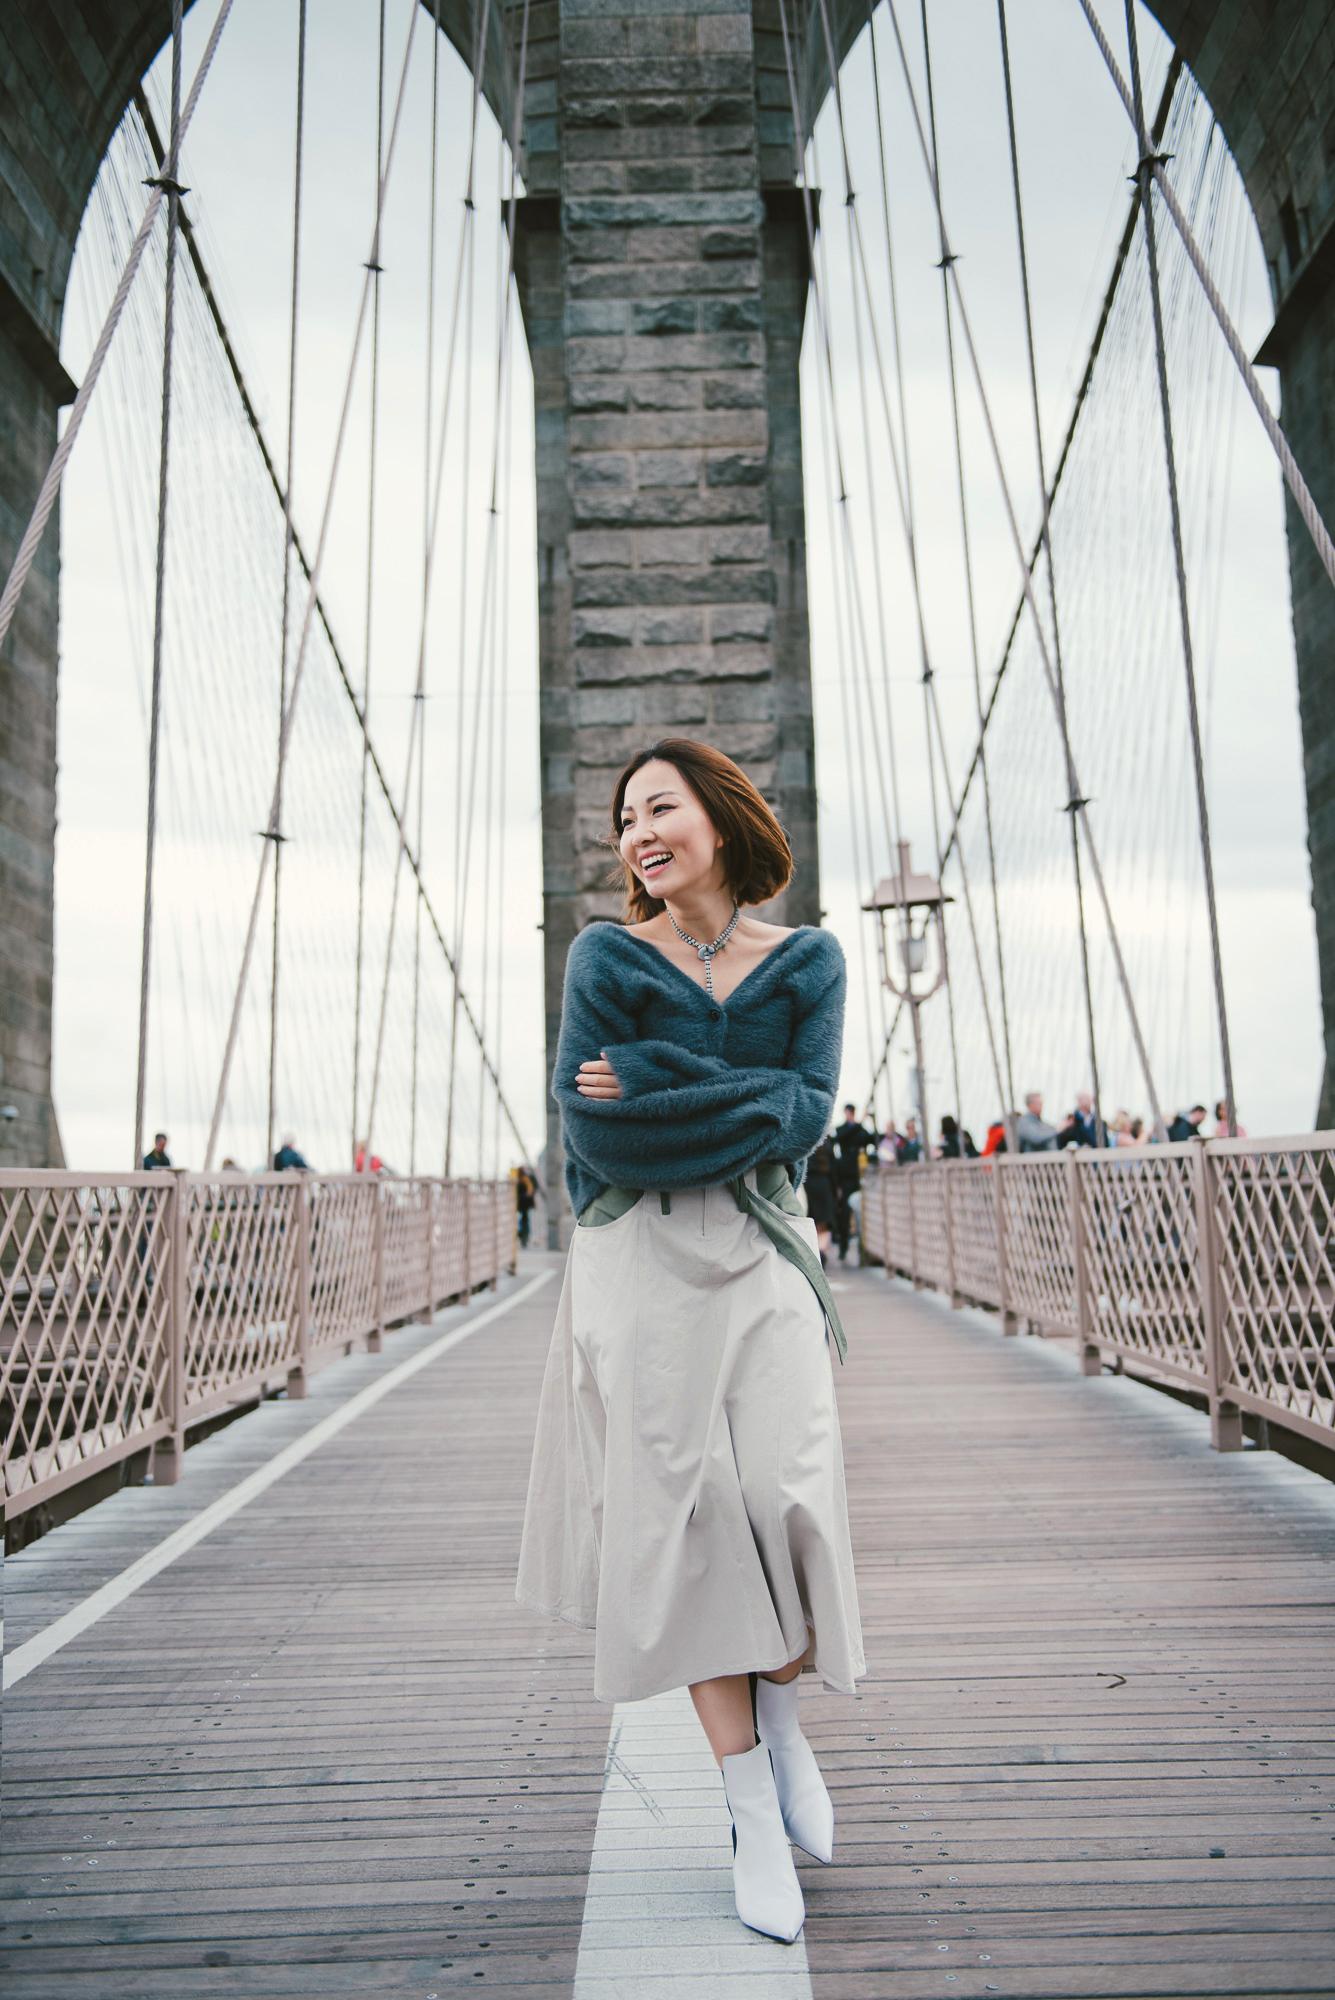 brooklyn bridge fashion blogger.jpg